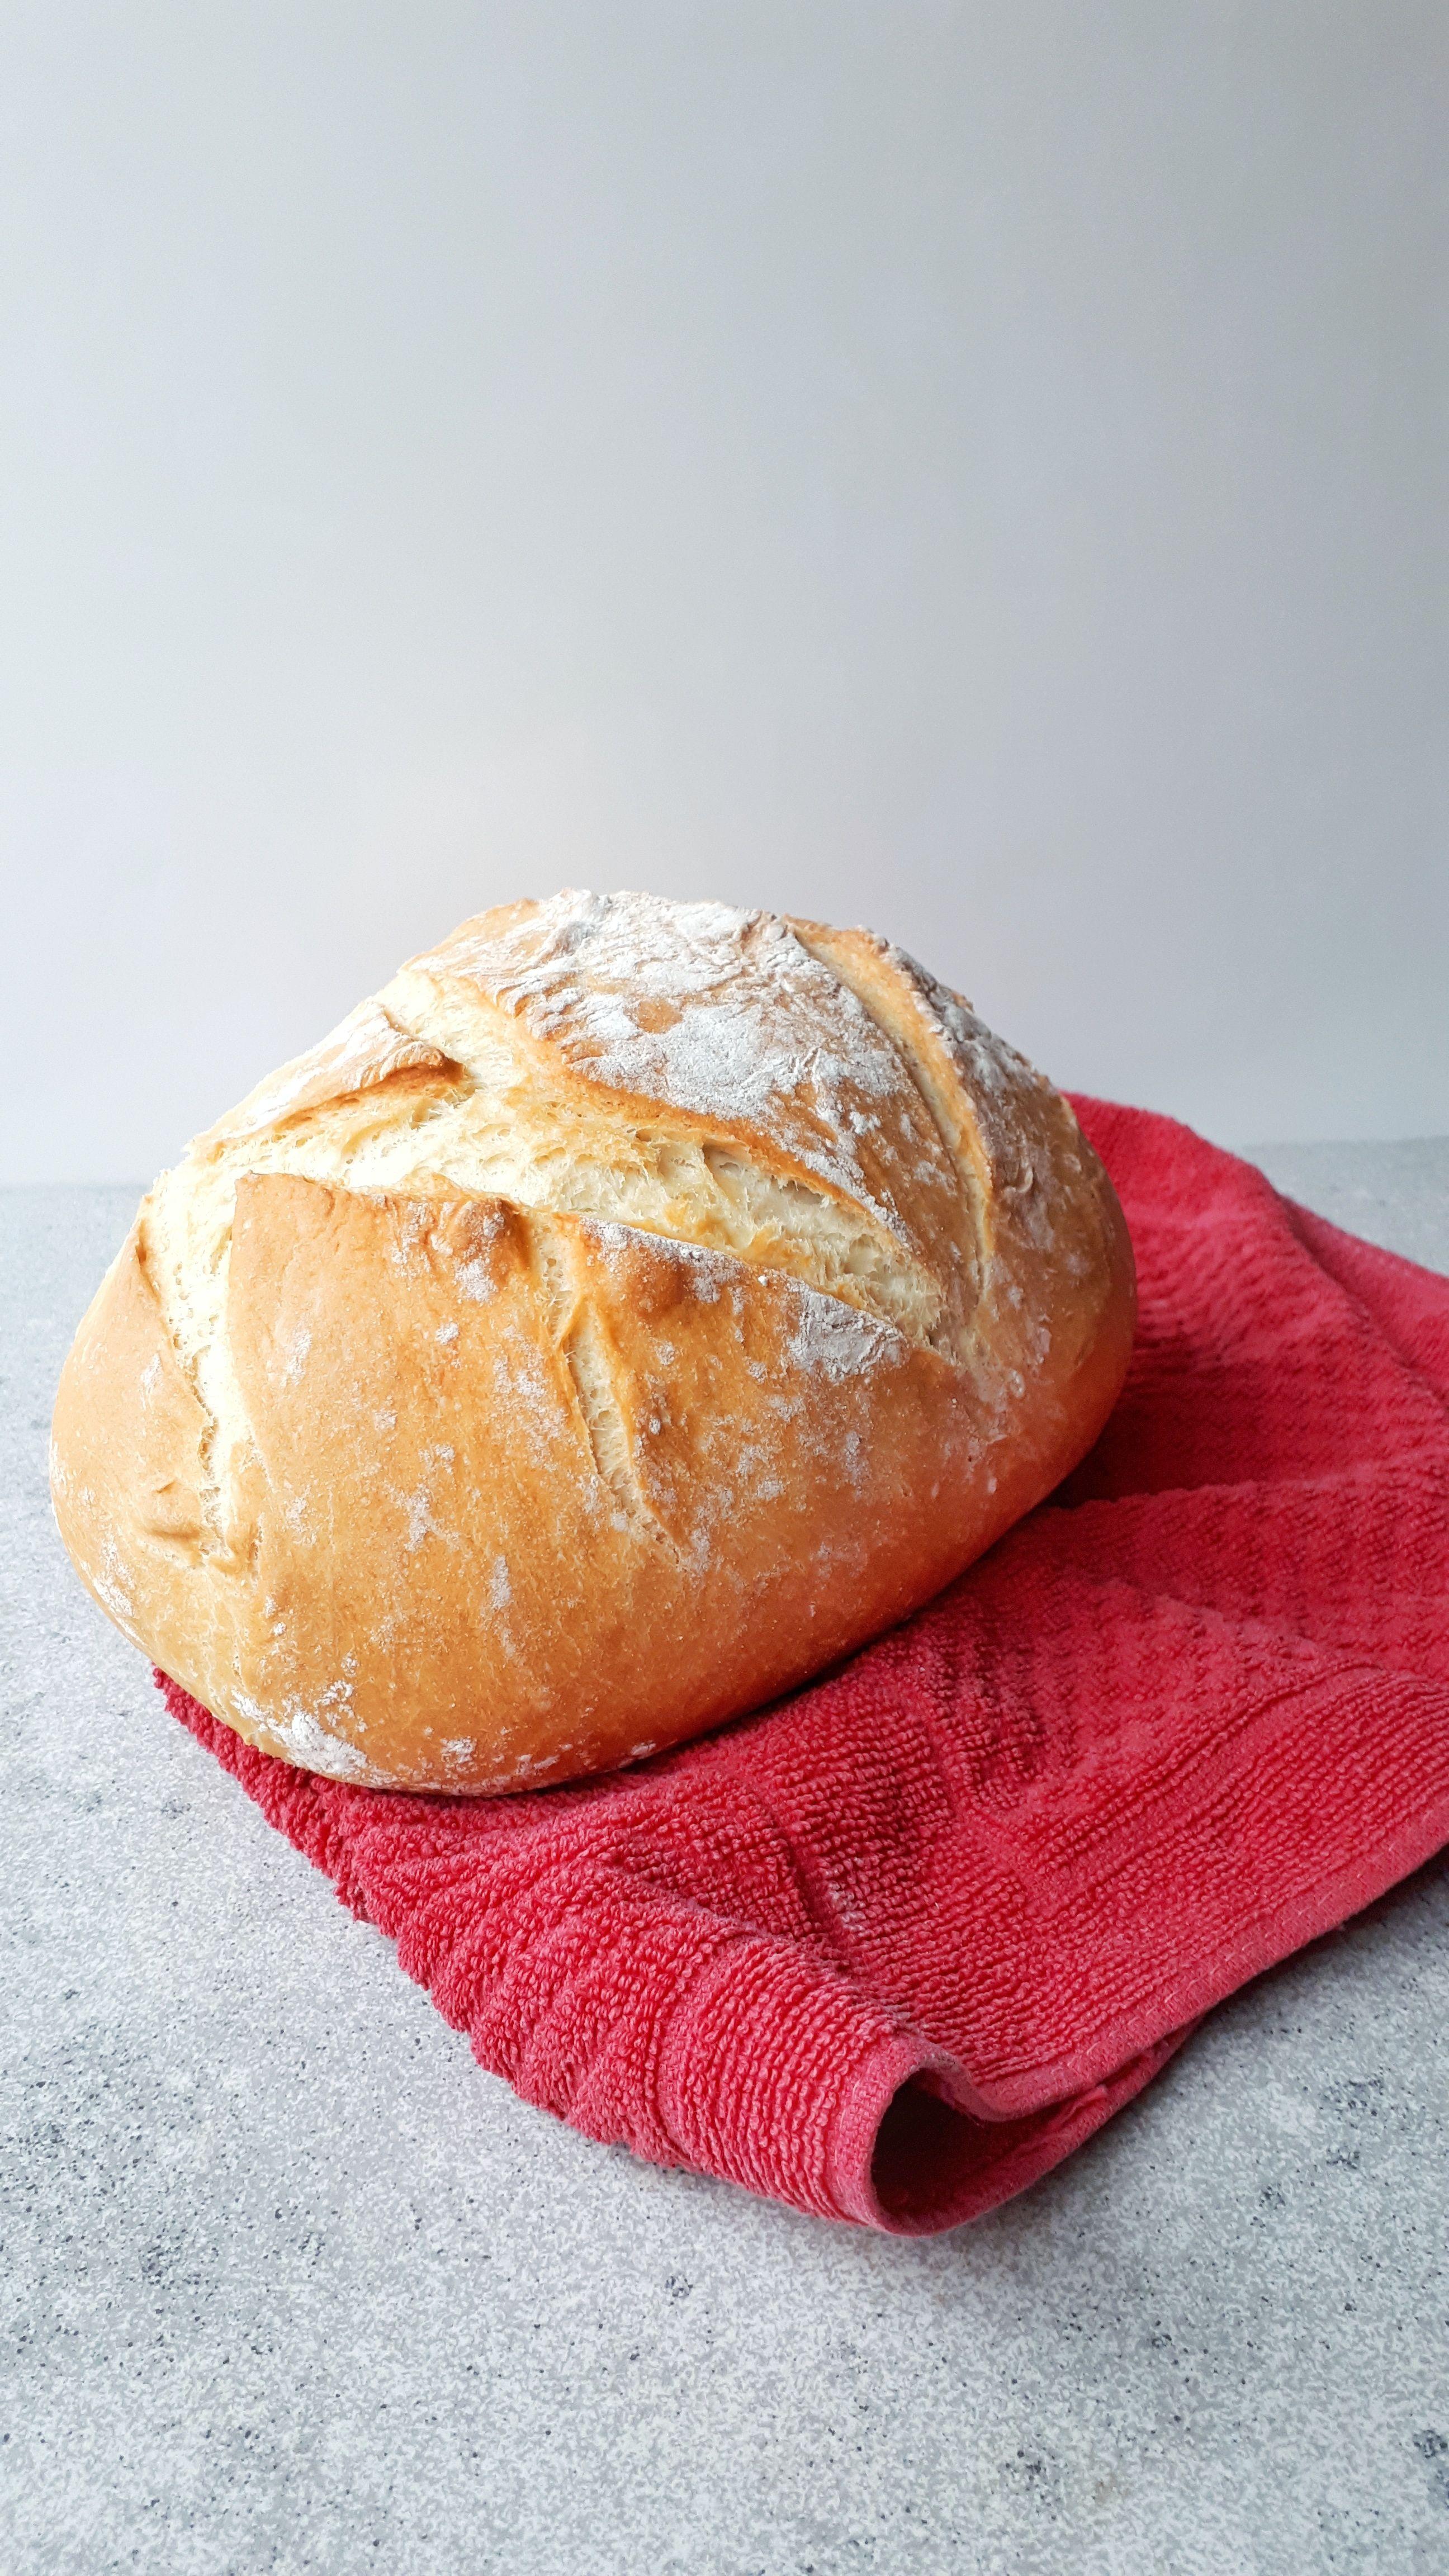 Megvakult a tini, mert csak sült krumplit, csipszet és fehér kenyeret evett